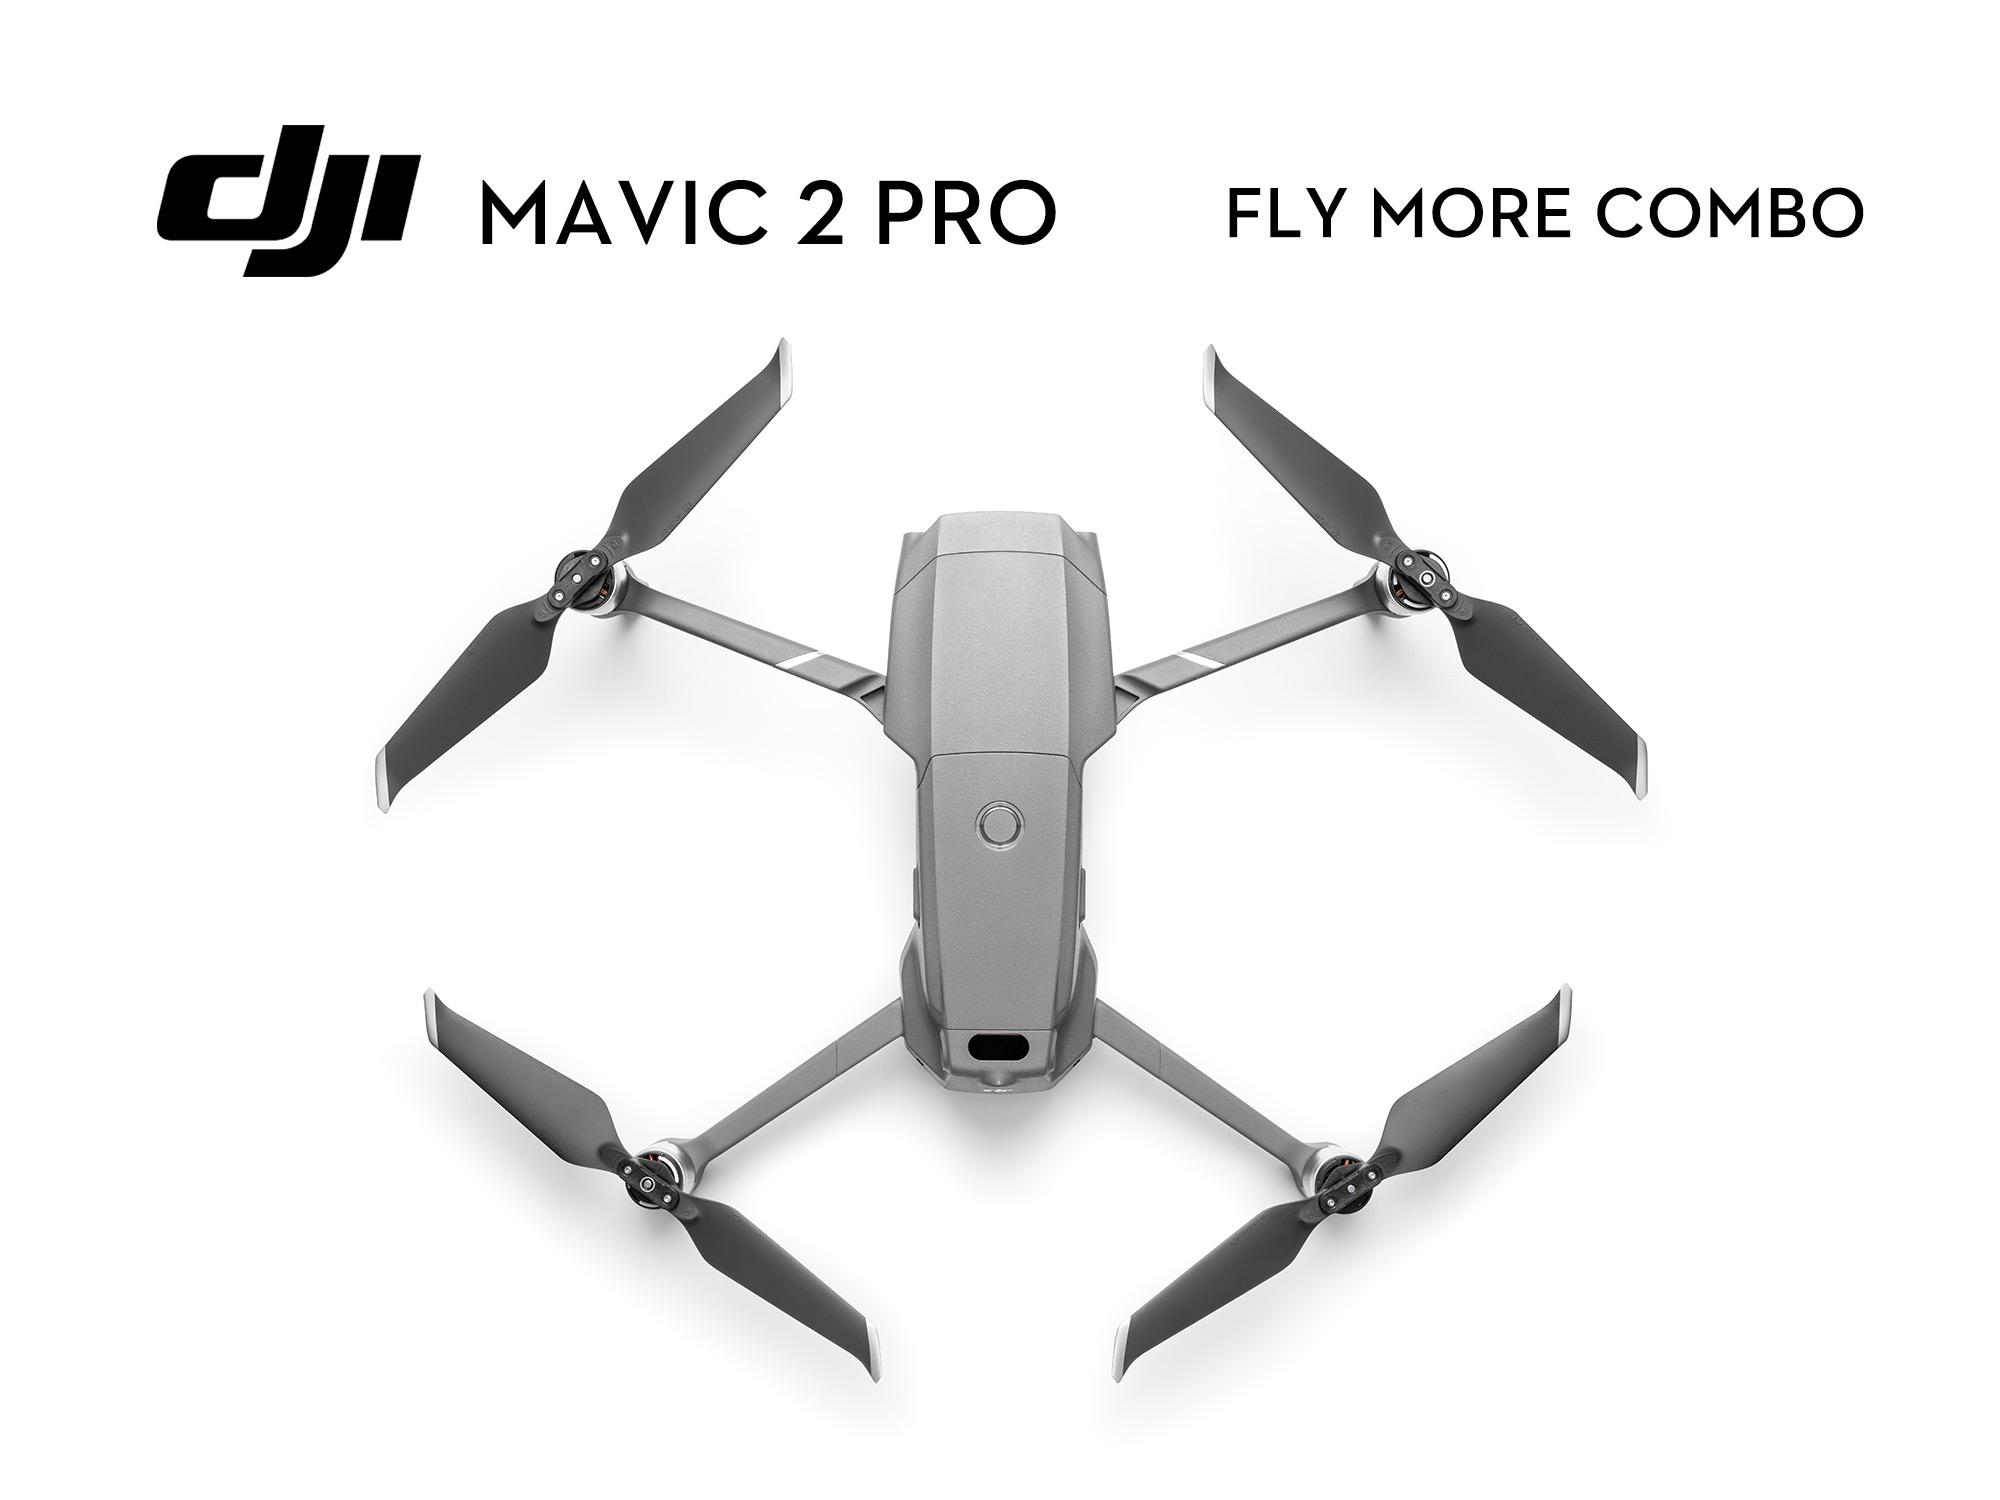 Dji Mavic 2 Pro Fly More Combo Djimavic2proflymore Photoshack